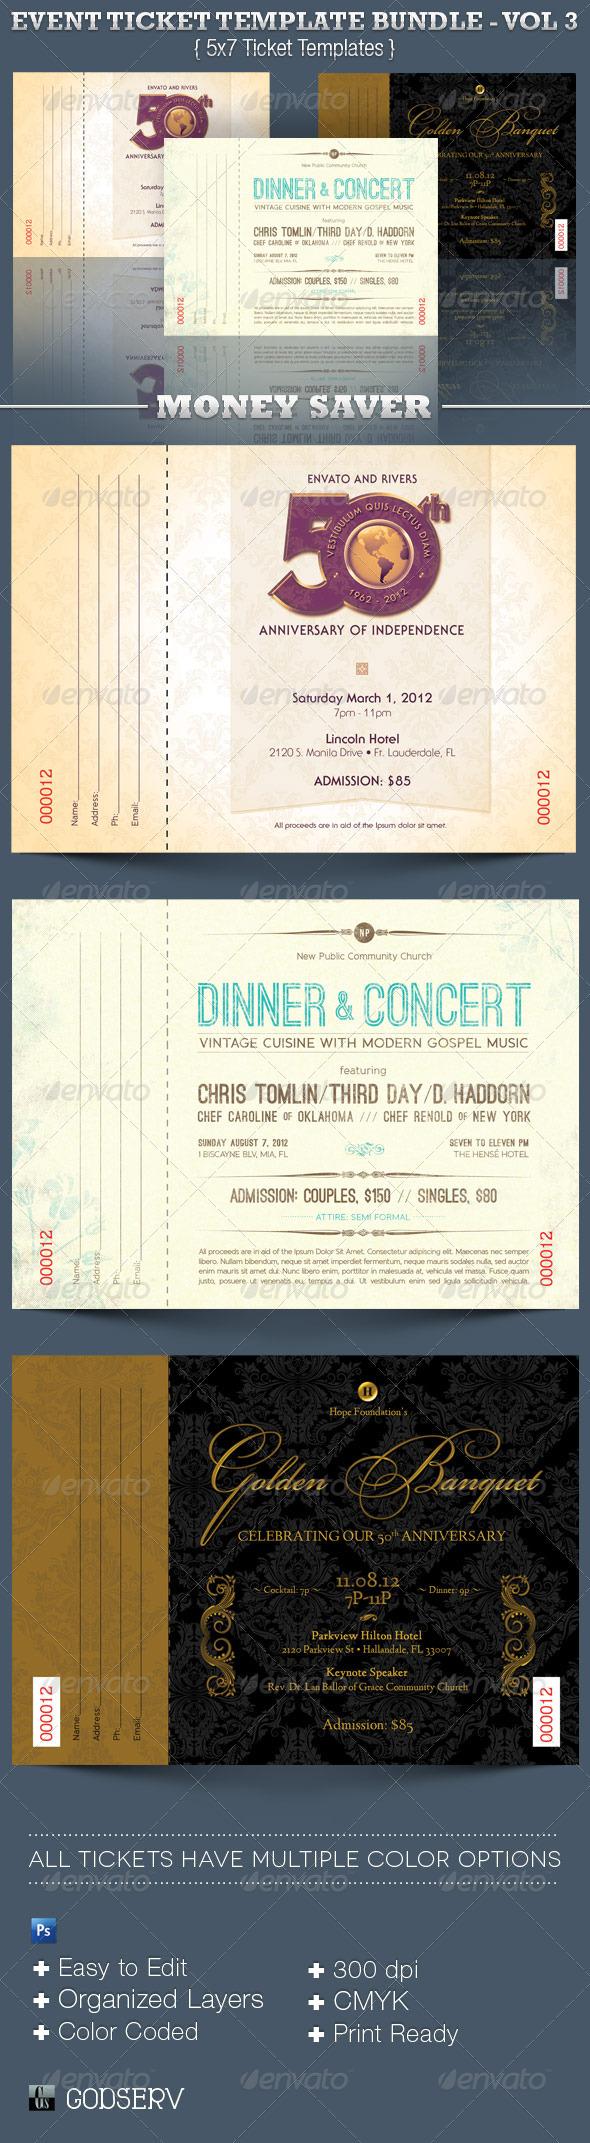 event ticket template bundle volume 3 graphicriver. Black Bedroom Furniture Sets. Home Design Ideas